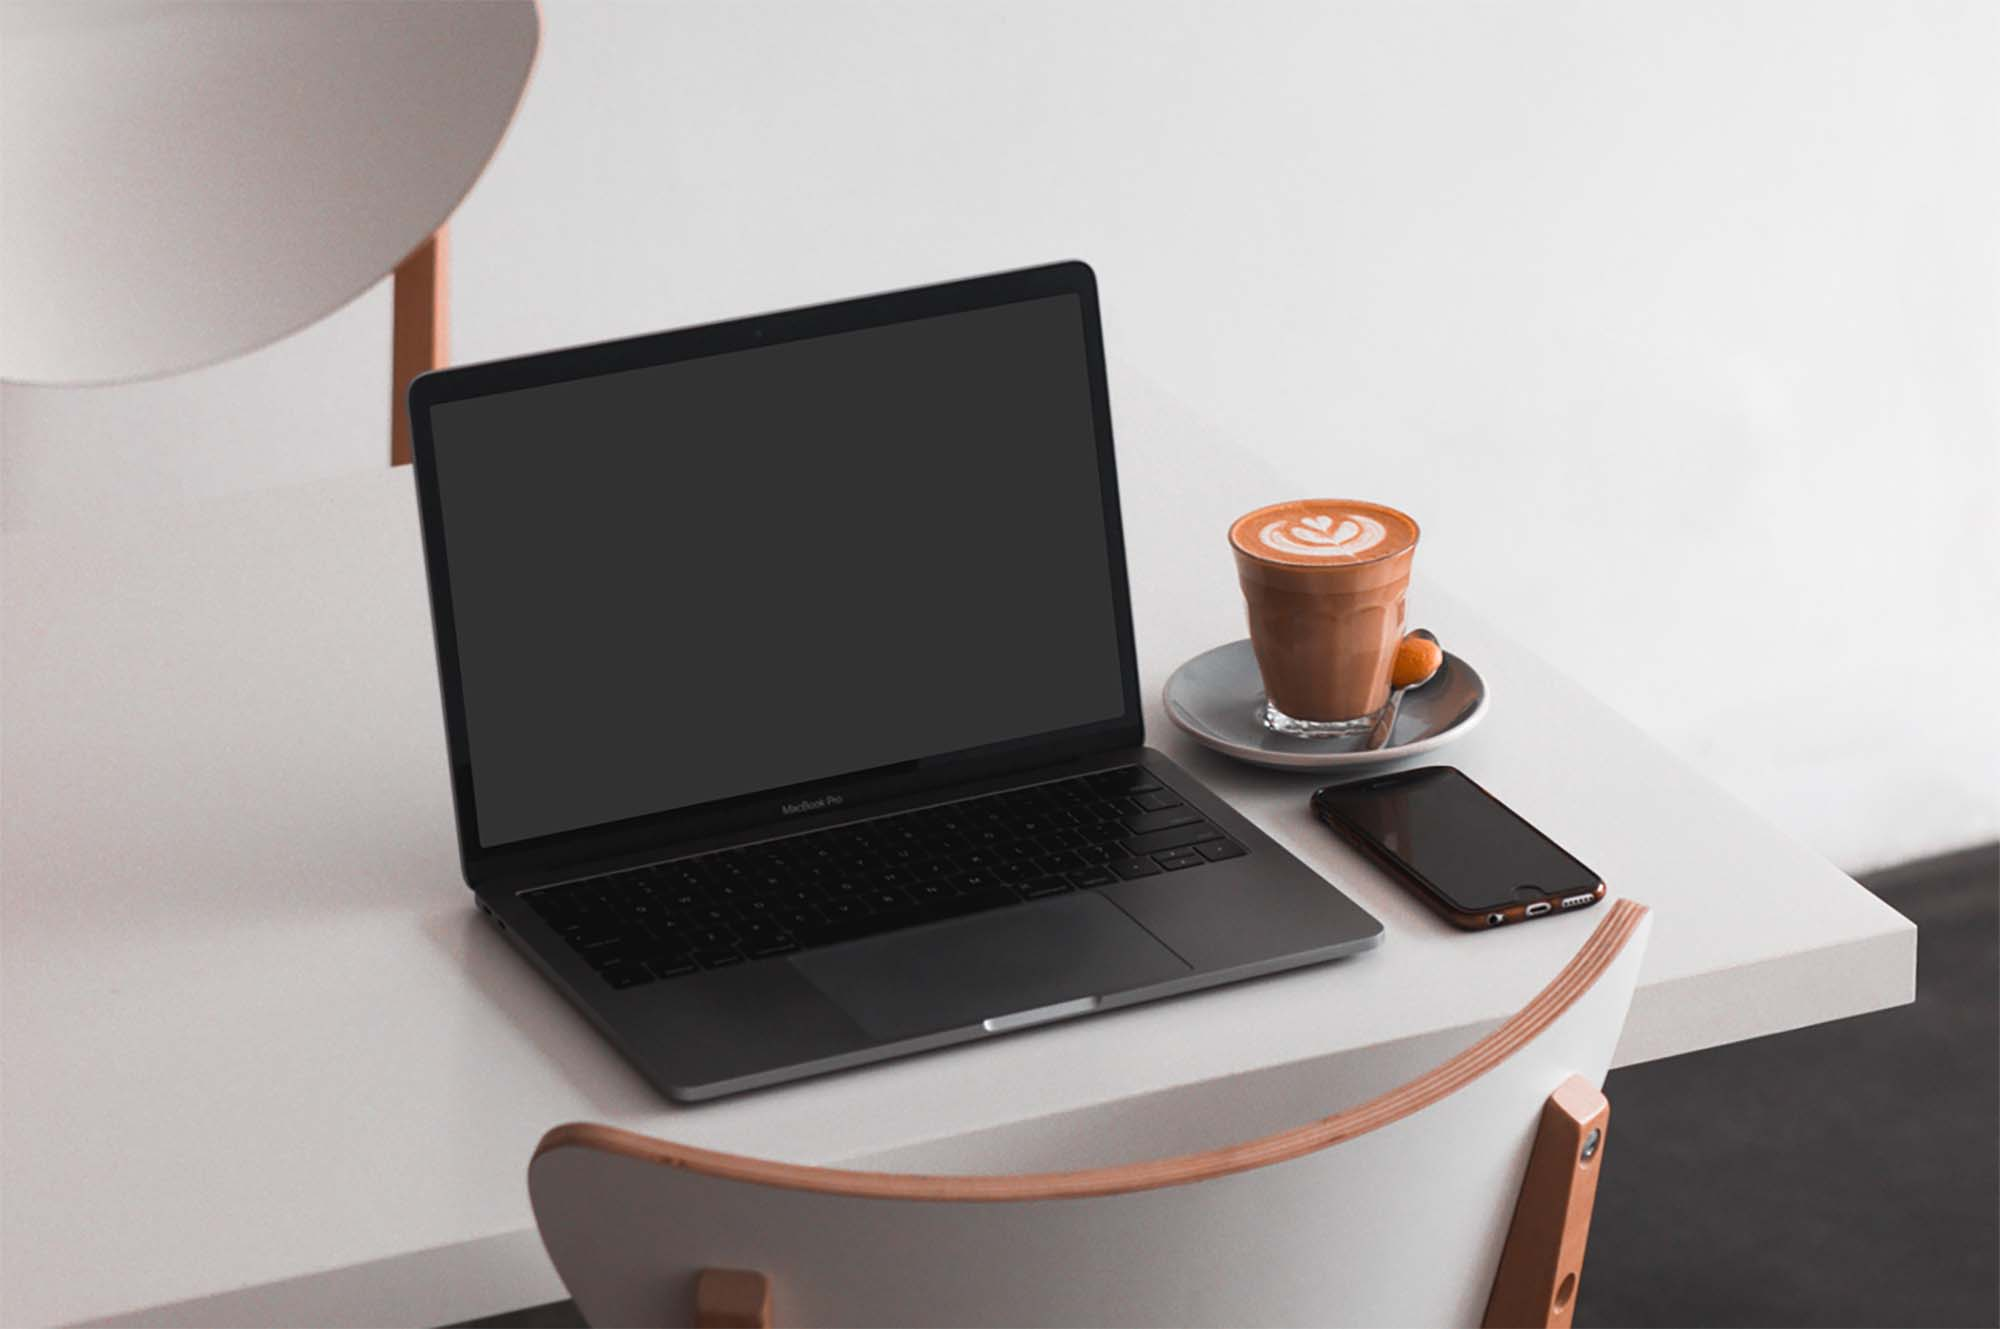 MacBook on Table Mockup 2